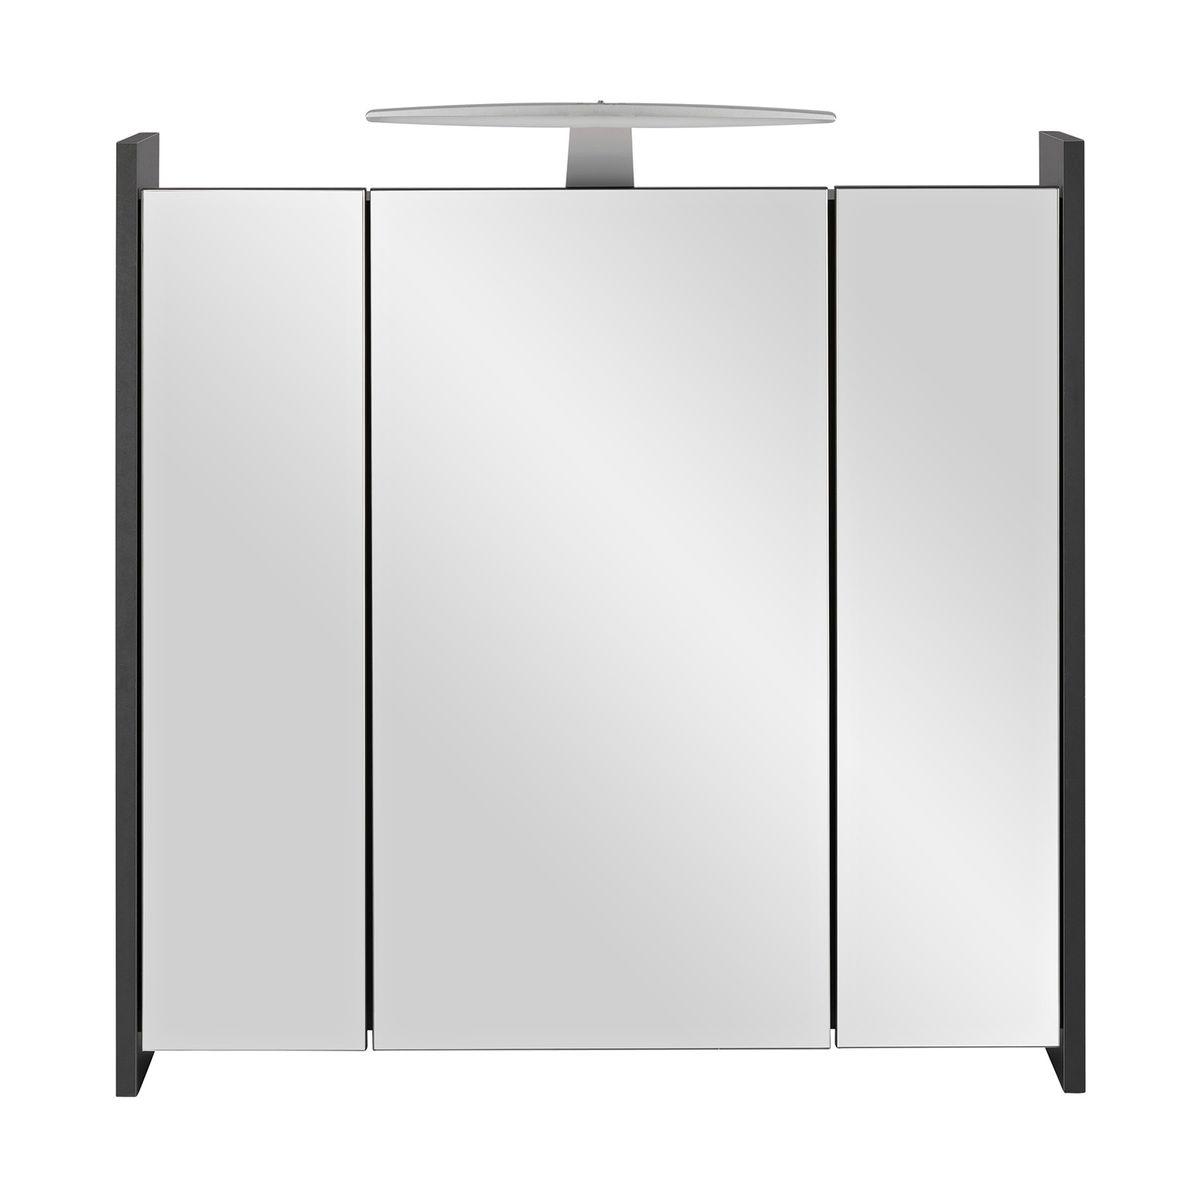 Badmöbel-Set ELEGANCE 2-teilig mit Beleuchtung Anthrazit Weiß Hochglanz – Bild 2